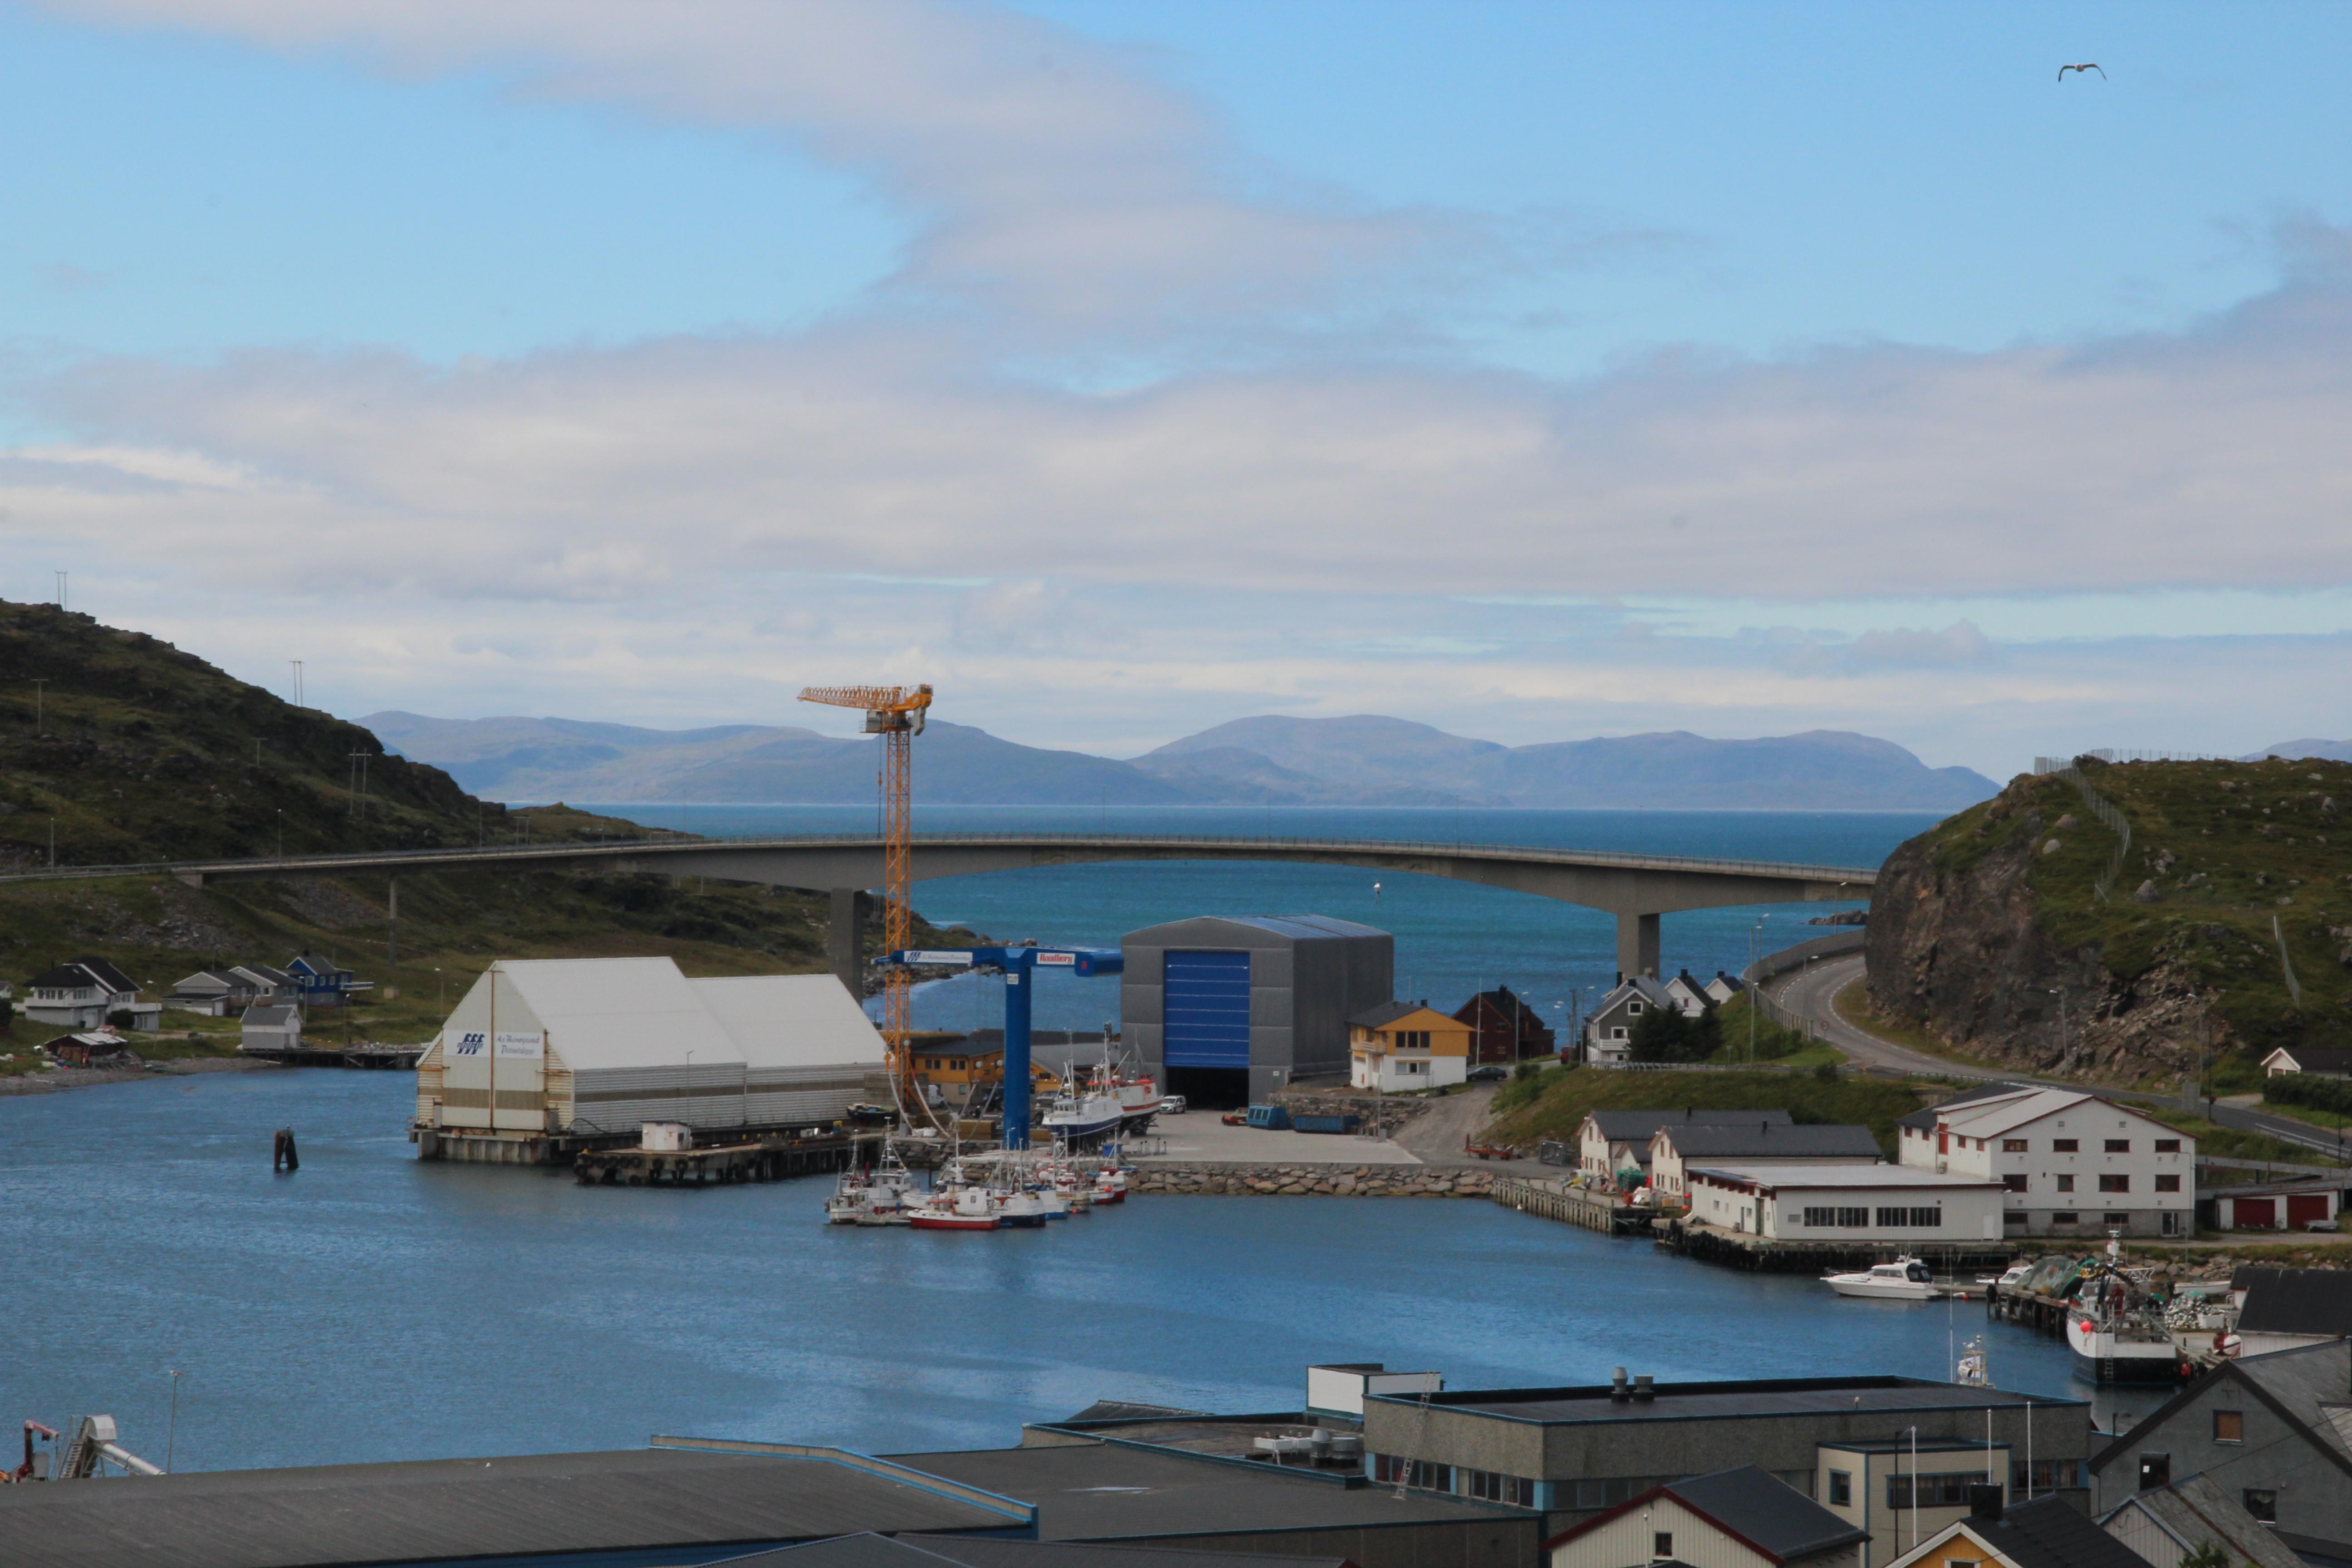 Havoysund med bro i bakgrunn mot havet